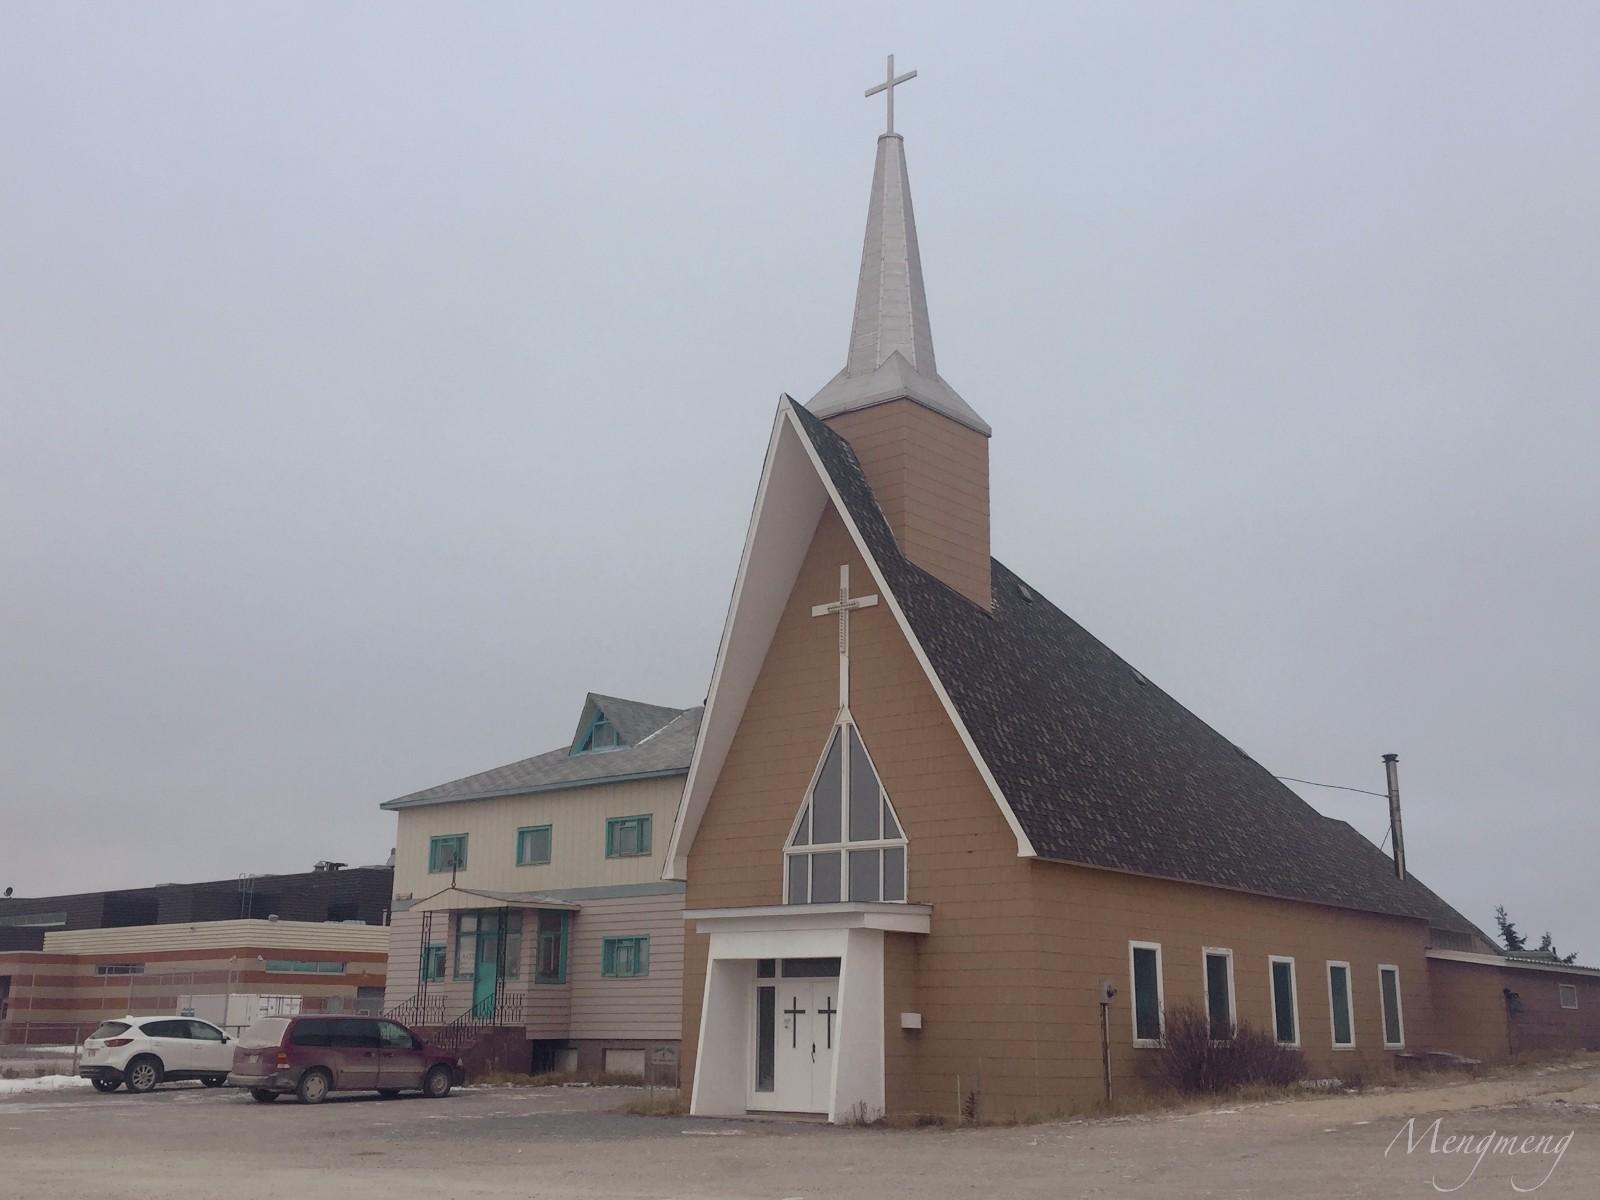 丘吉尔镇的基督教堂.jpg